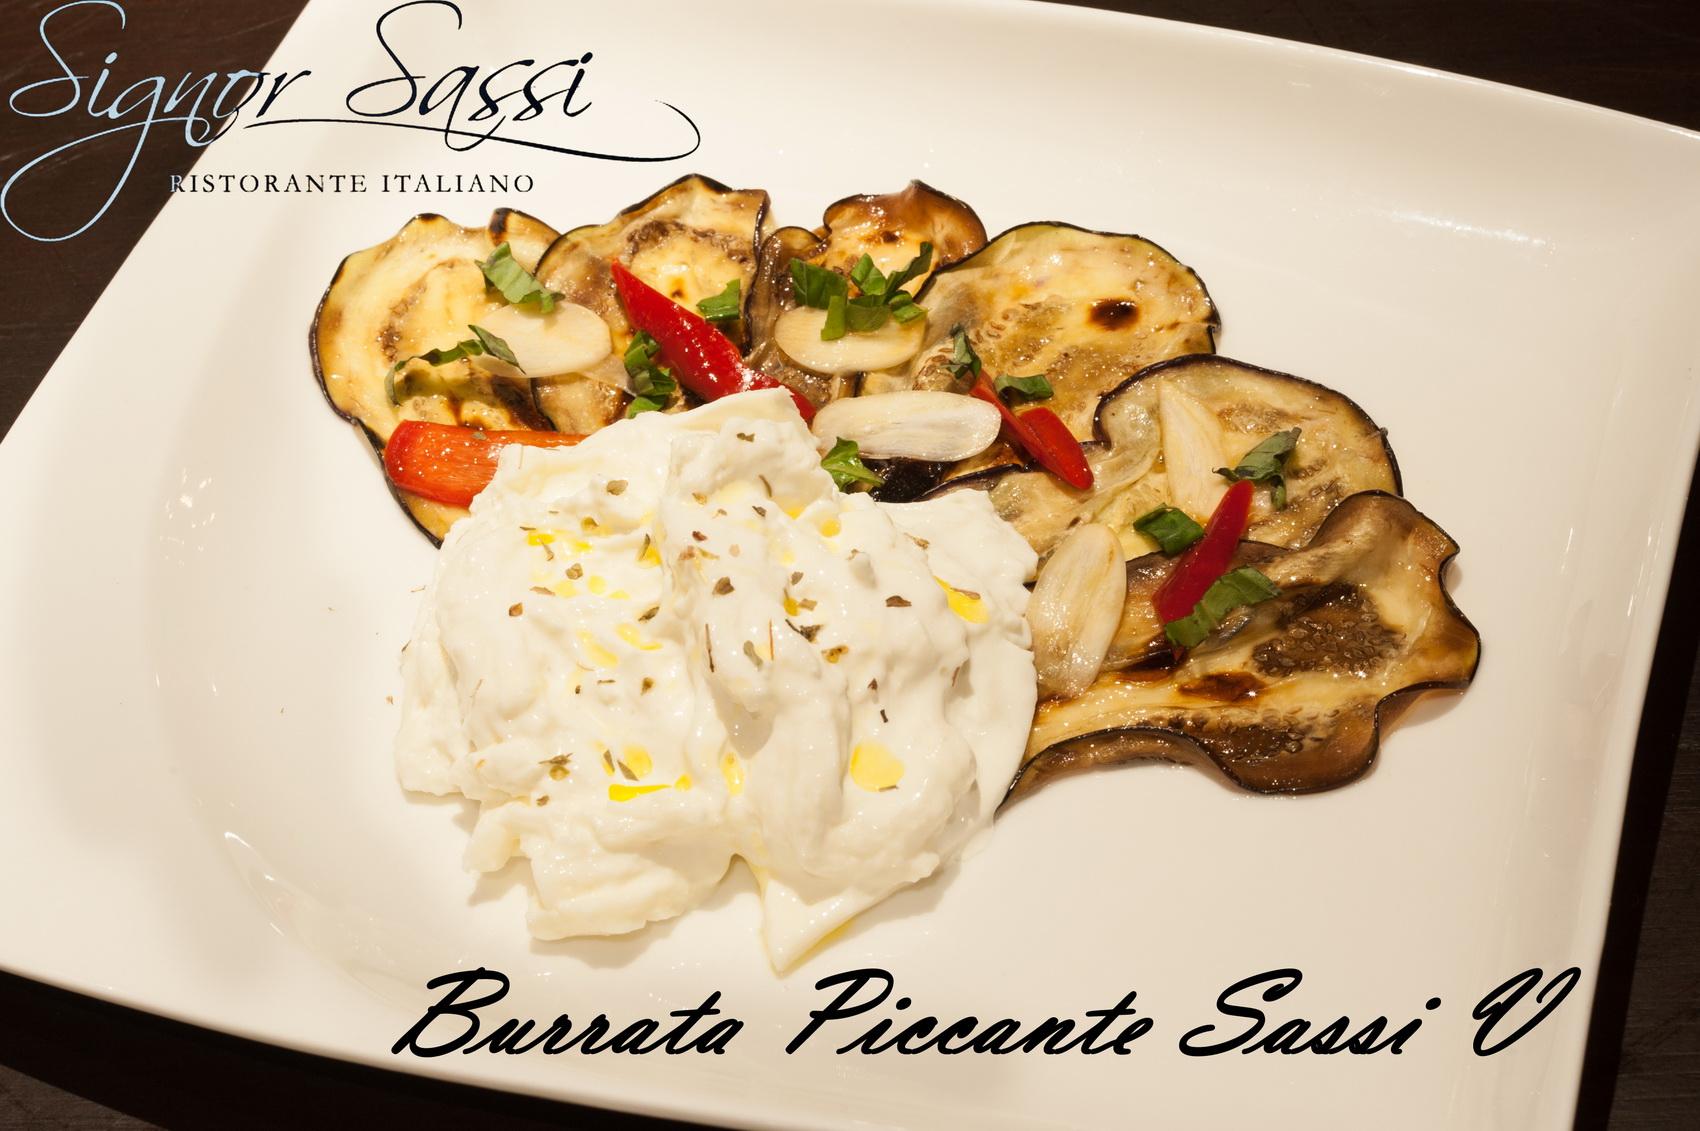 Burrata Piccante Sassi V_resize